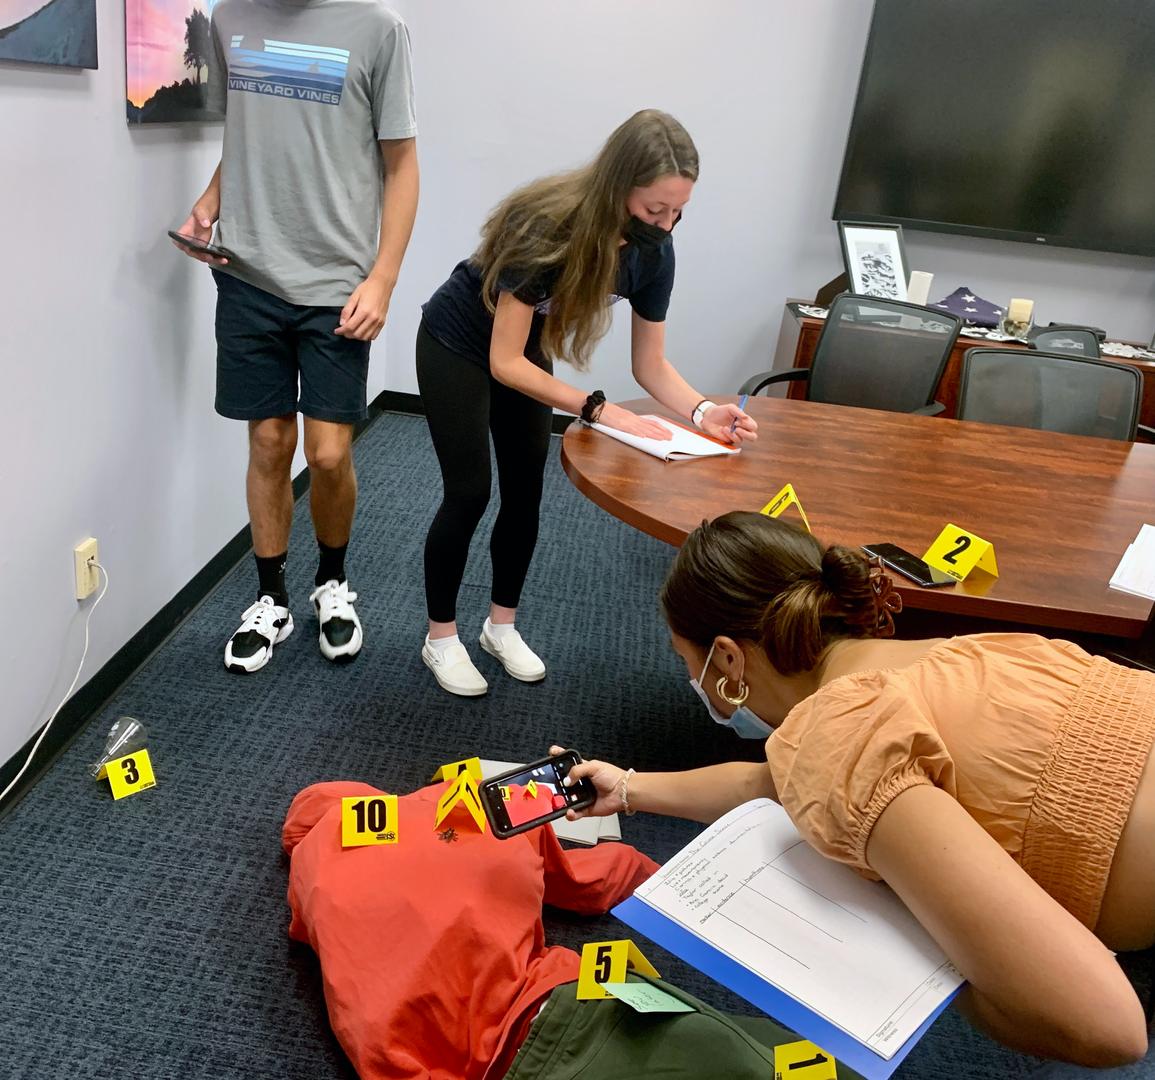 Students investigate a mock crime scene set-up